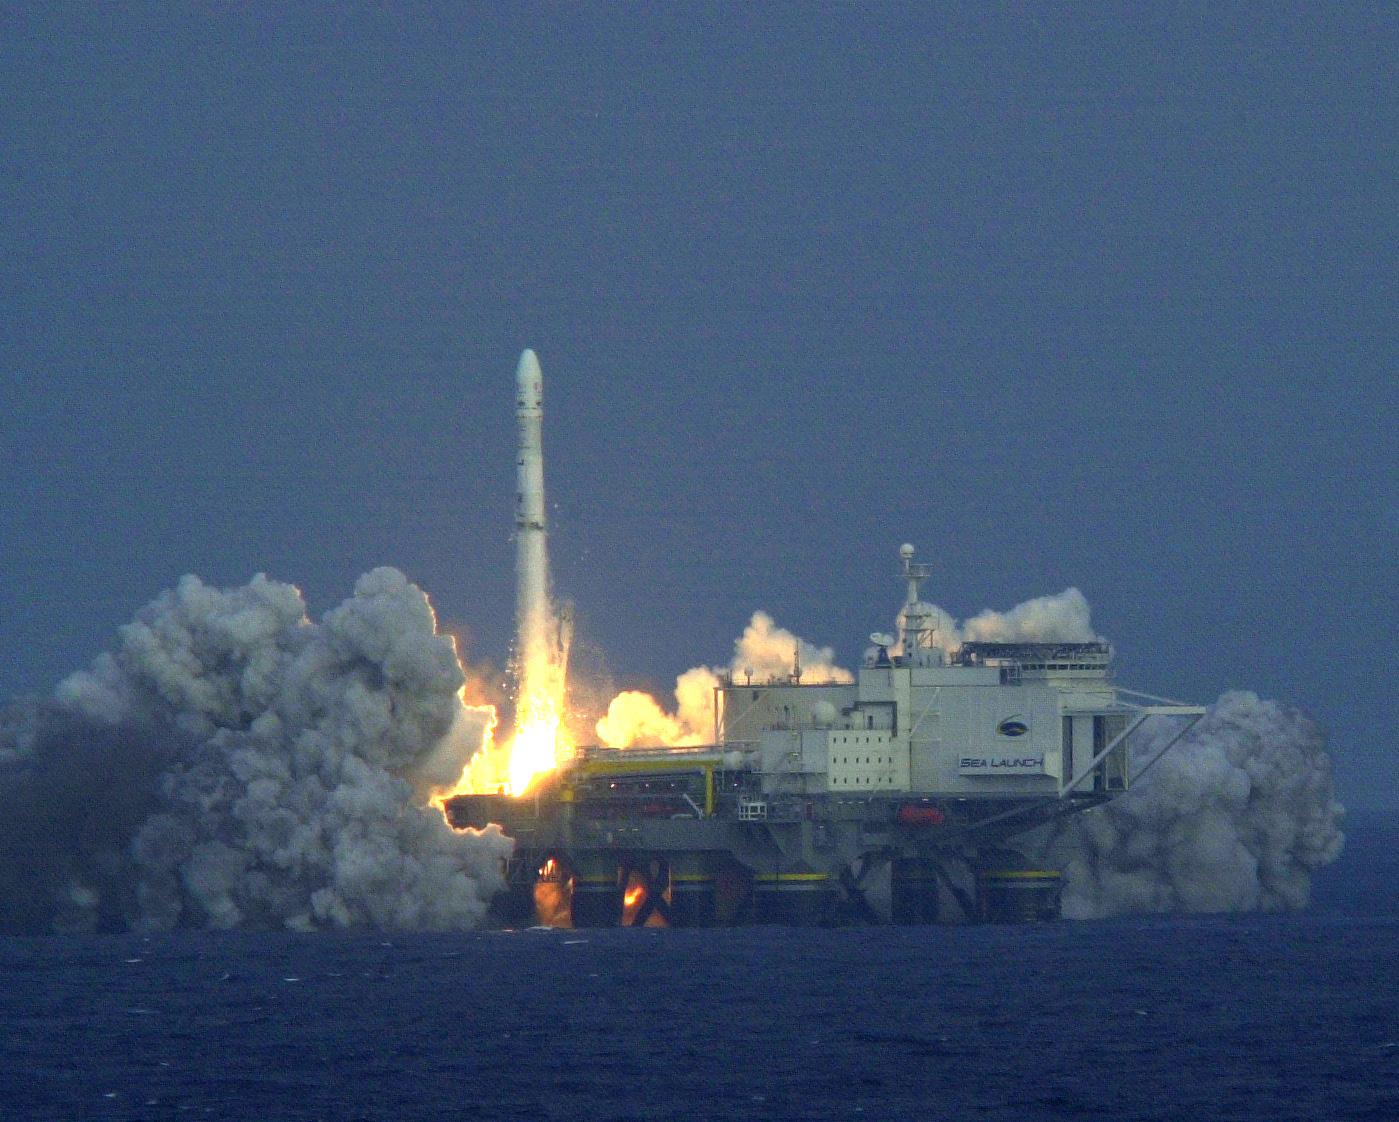 Проект &quot;Морской старт&quot; является проектом создания и эксплуатации ракетно-космического комплекса морского базирования (РККМБ)<br>Источник: http://land-launch.narod.ru/.